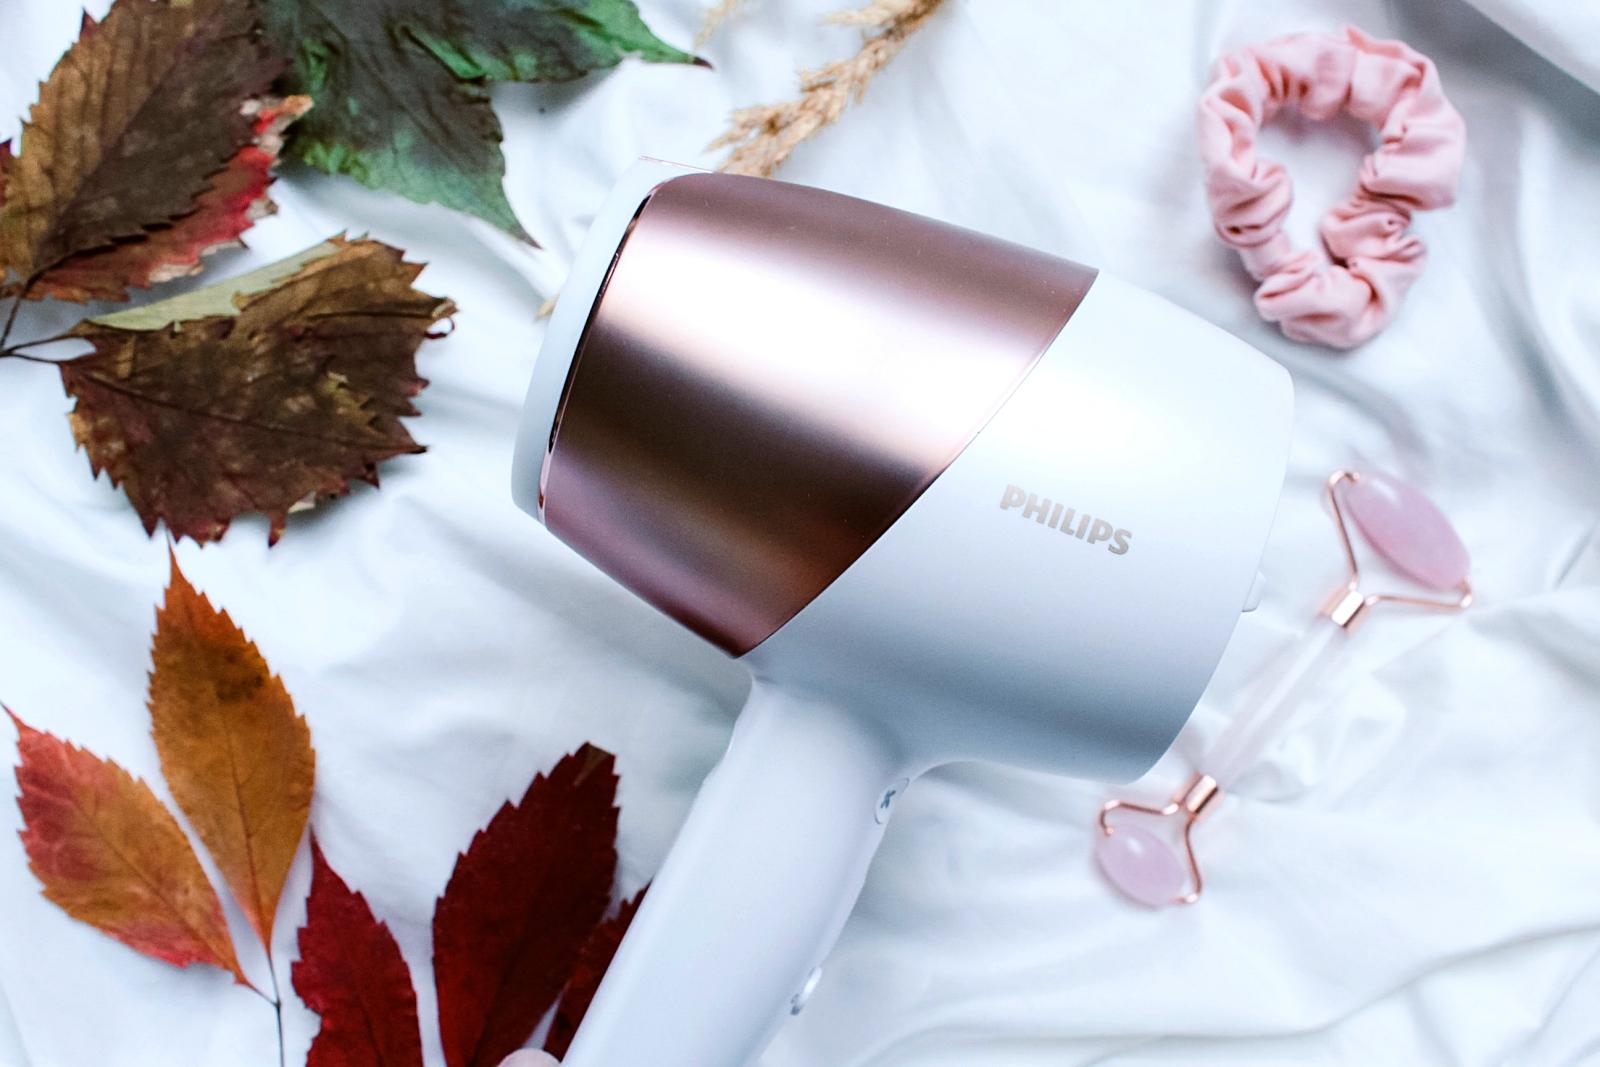 Suszarka dowłosów Philips SenseIQ stylizacja